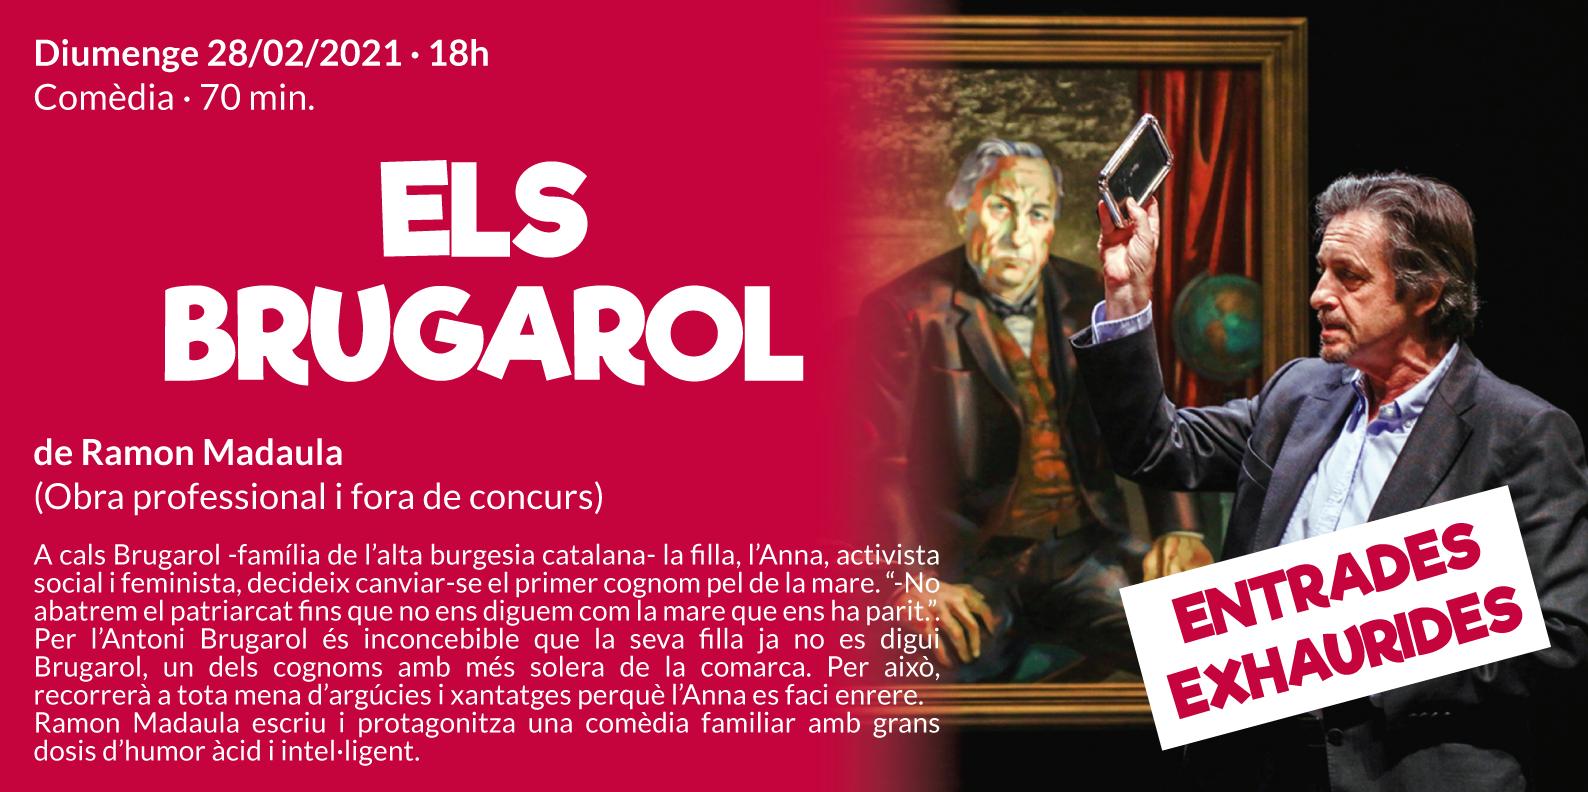 1. Els Brugarol